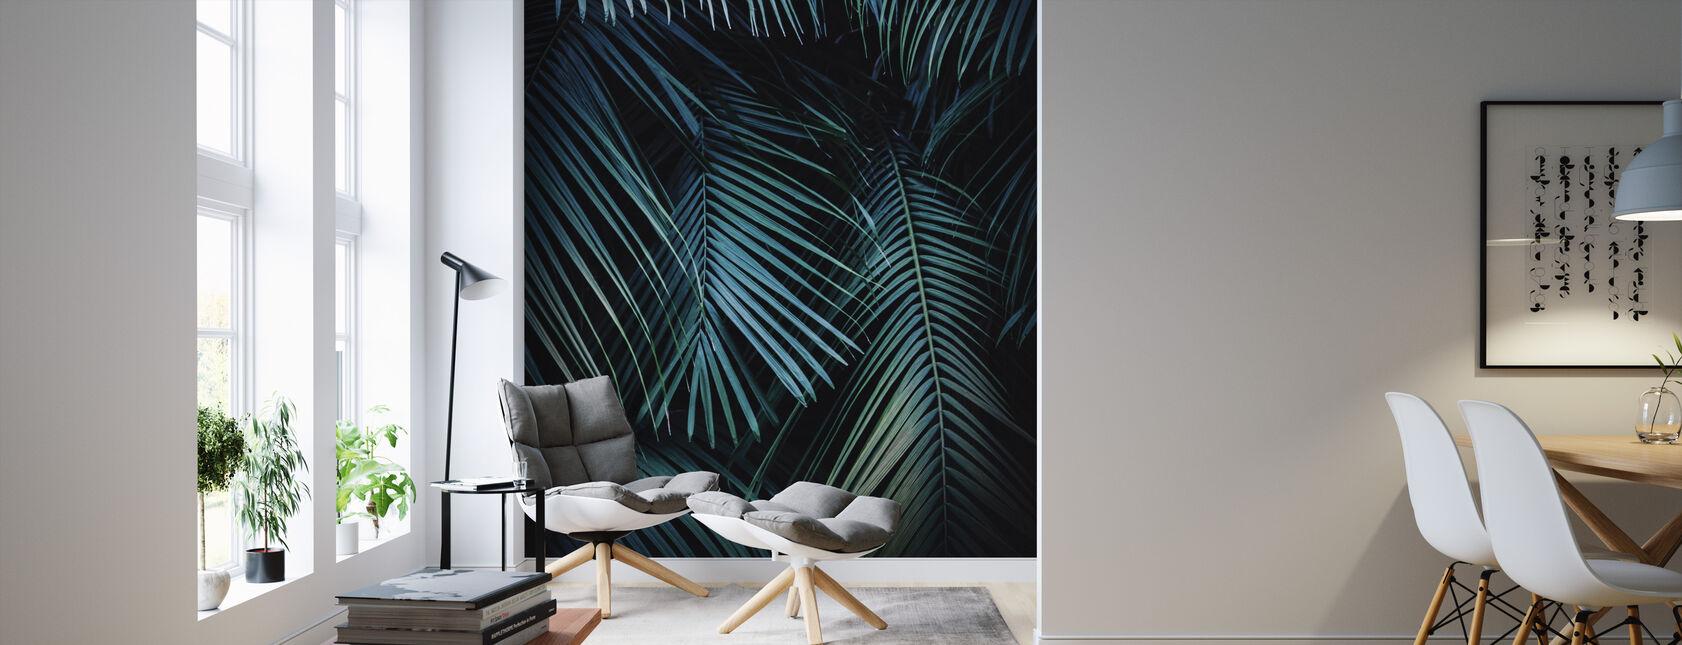 Palm Bladene i natten - Tapet - Stue